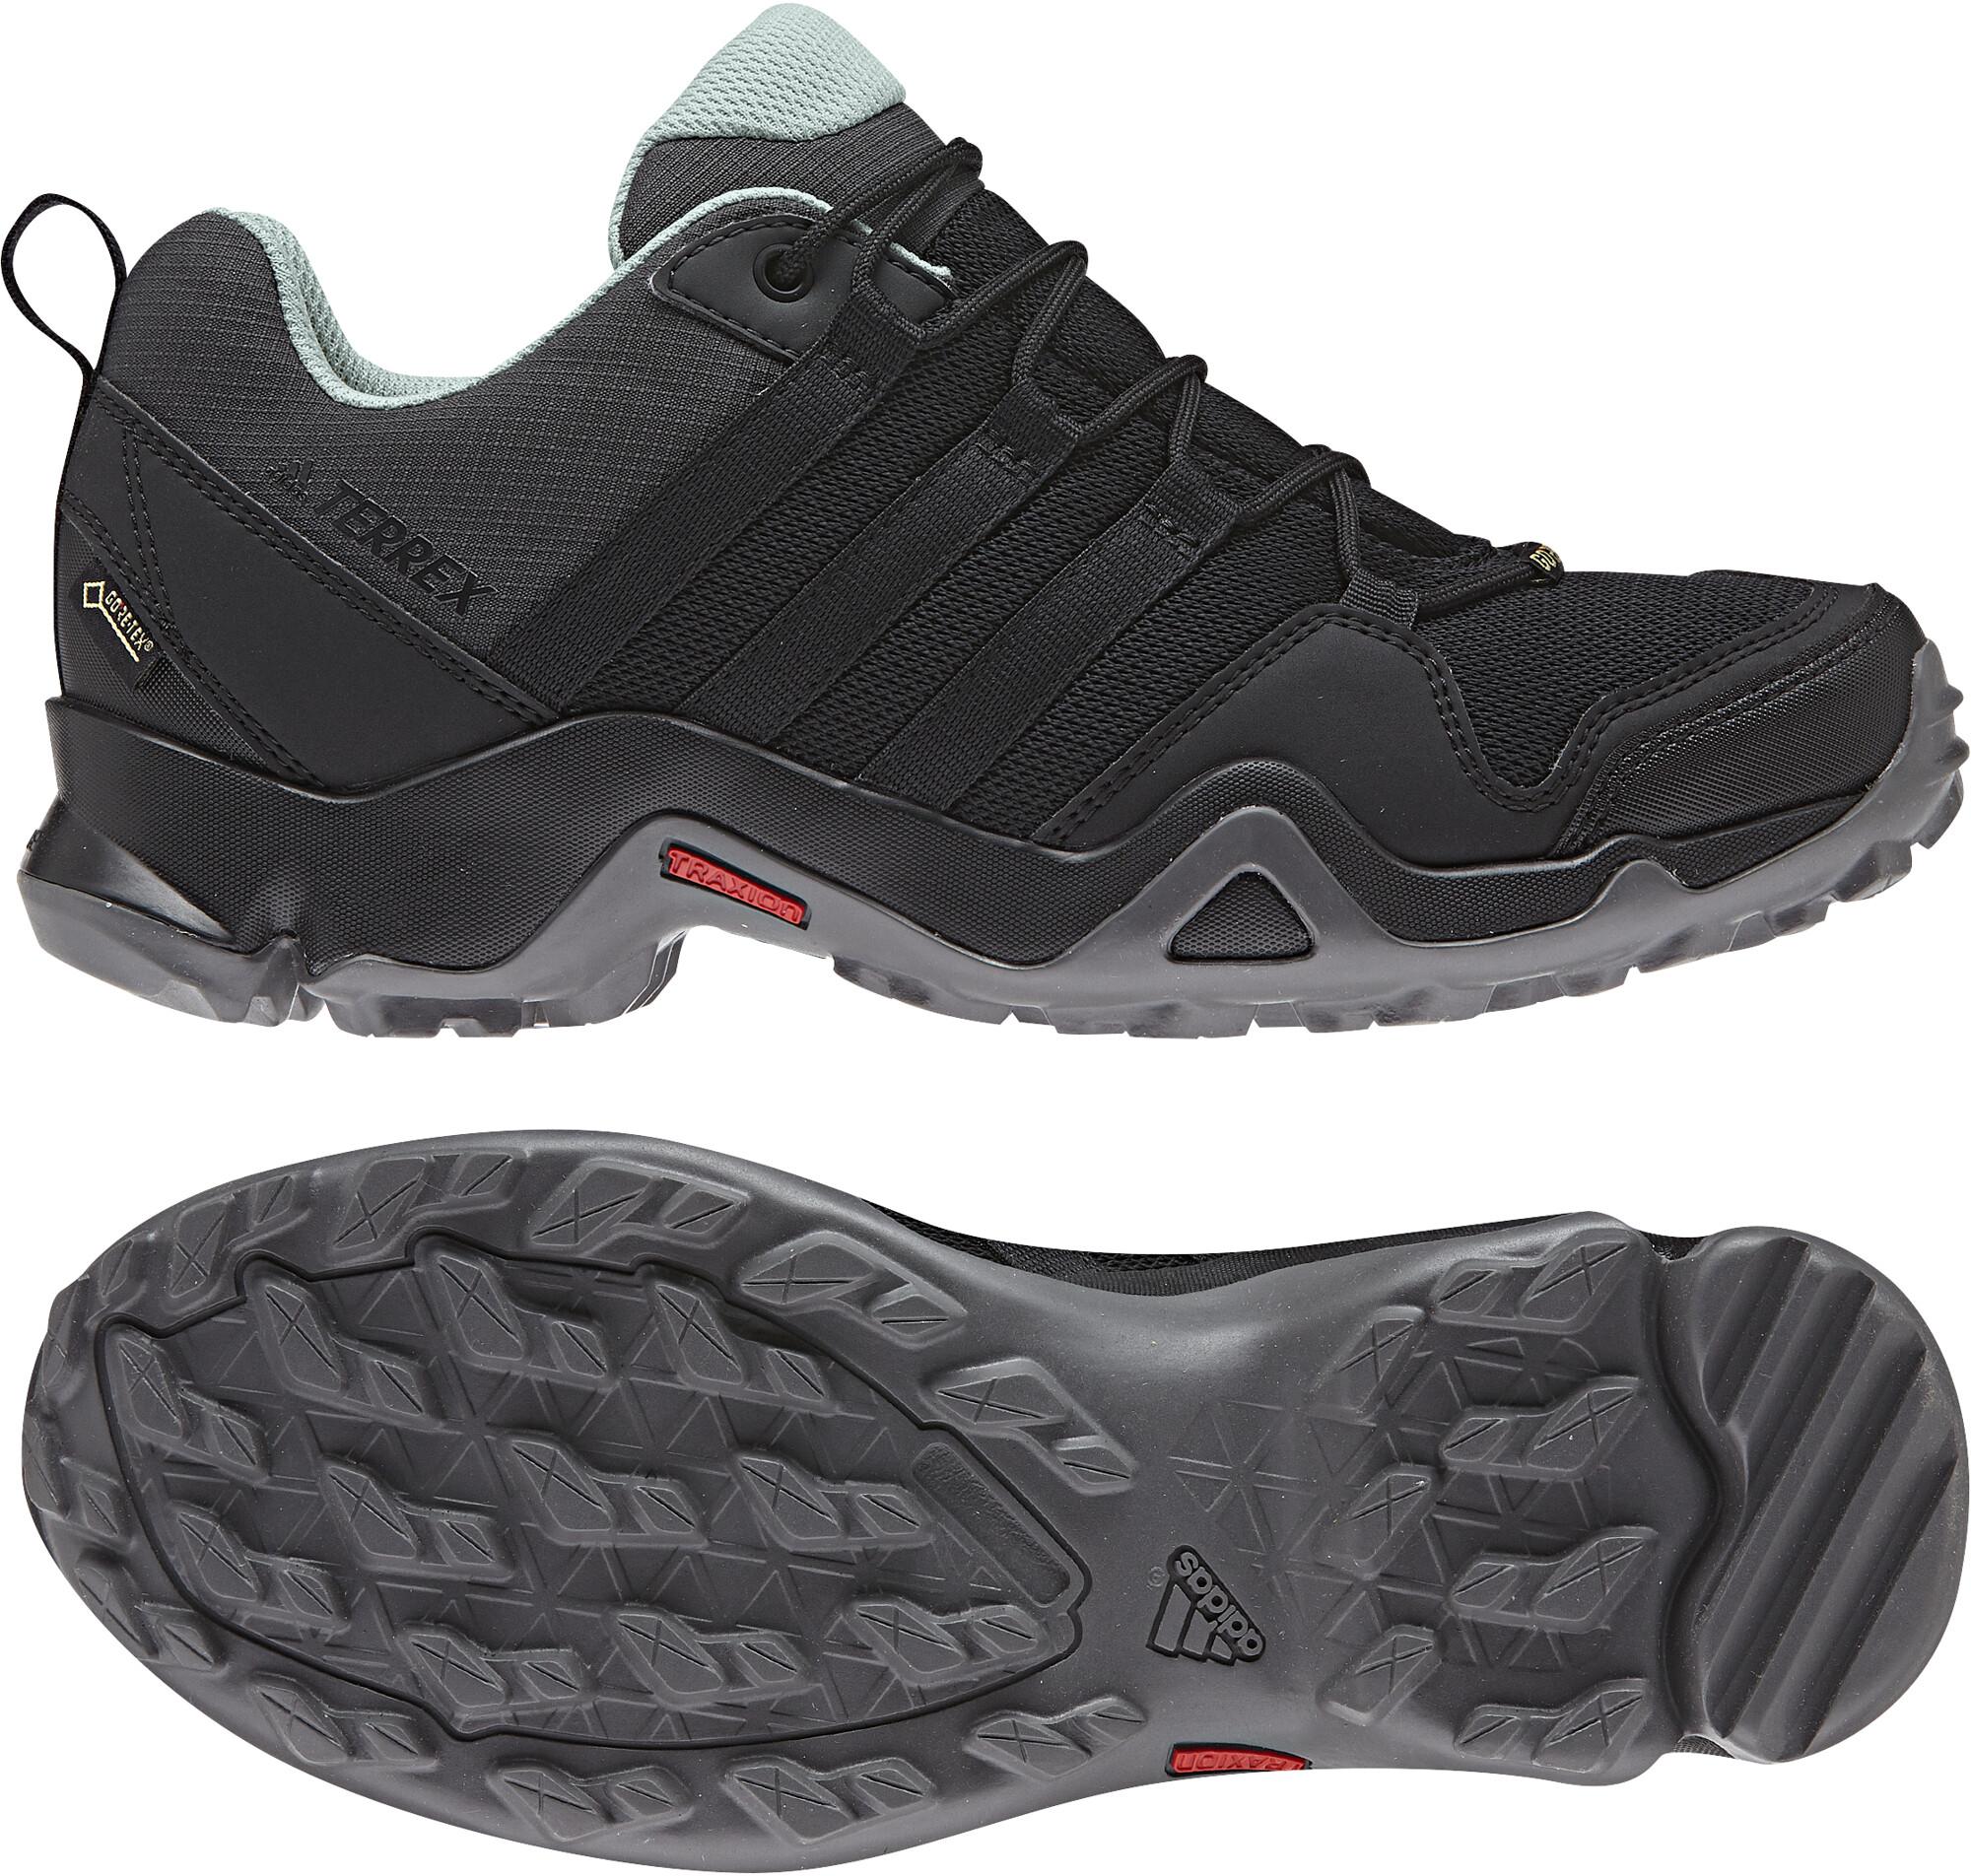 680c6fd53f6 adidas TERREX AX2R GTX Schoenen Dames zwart l Online bij outdoor ... adidas  dames